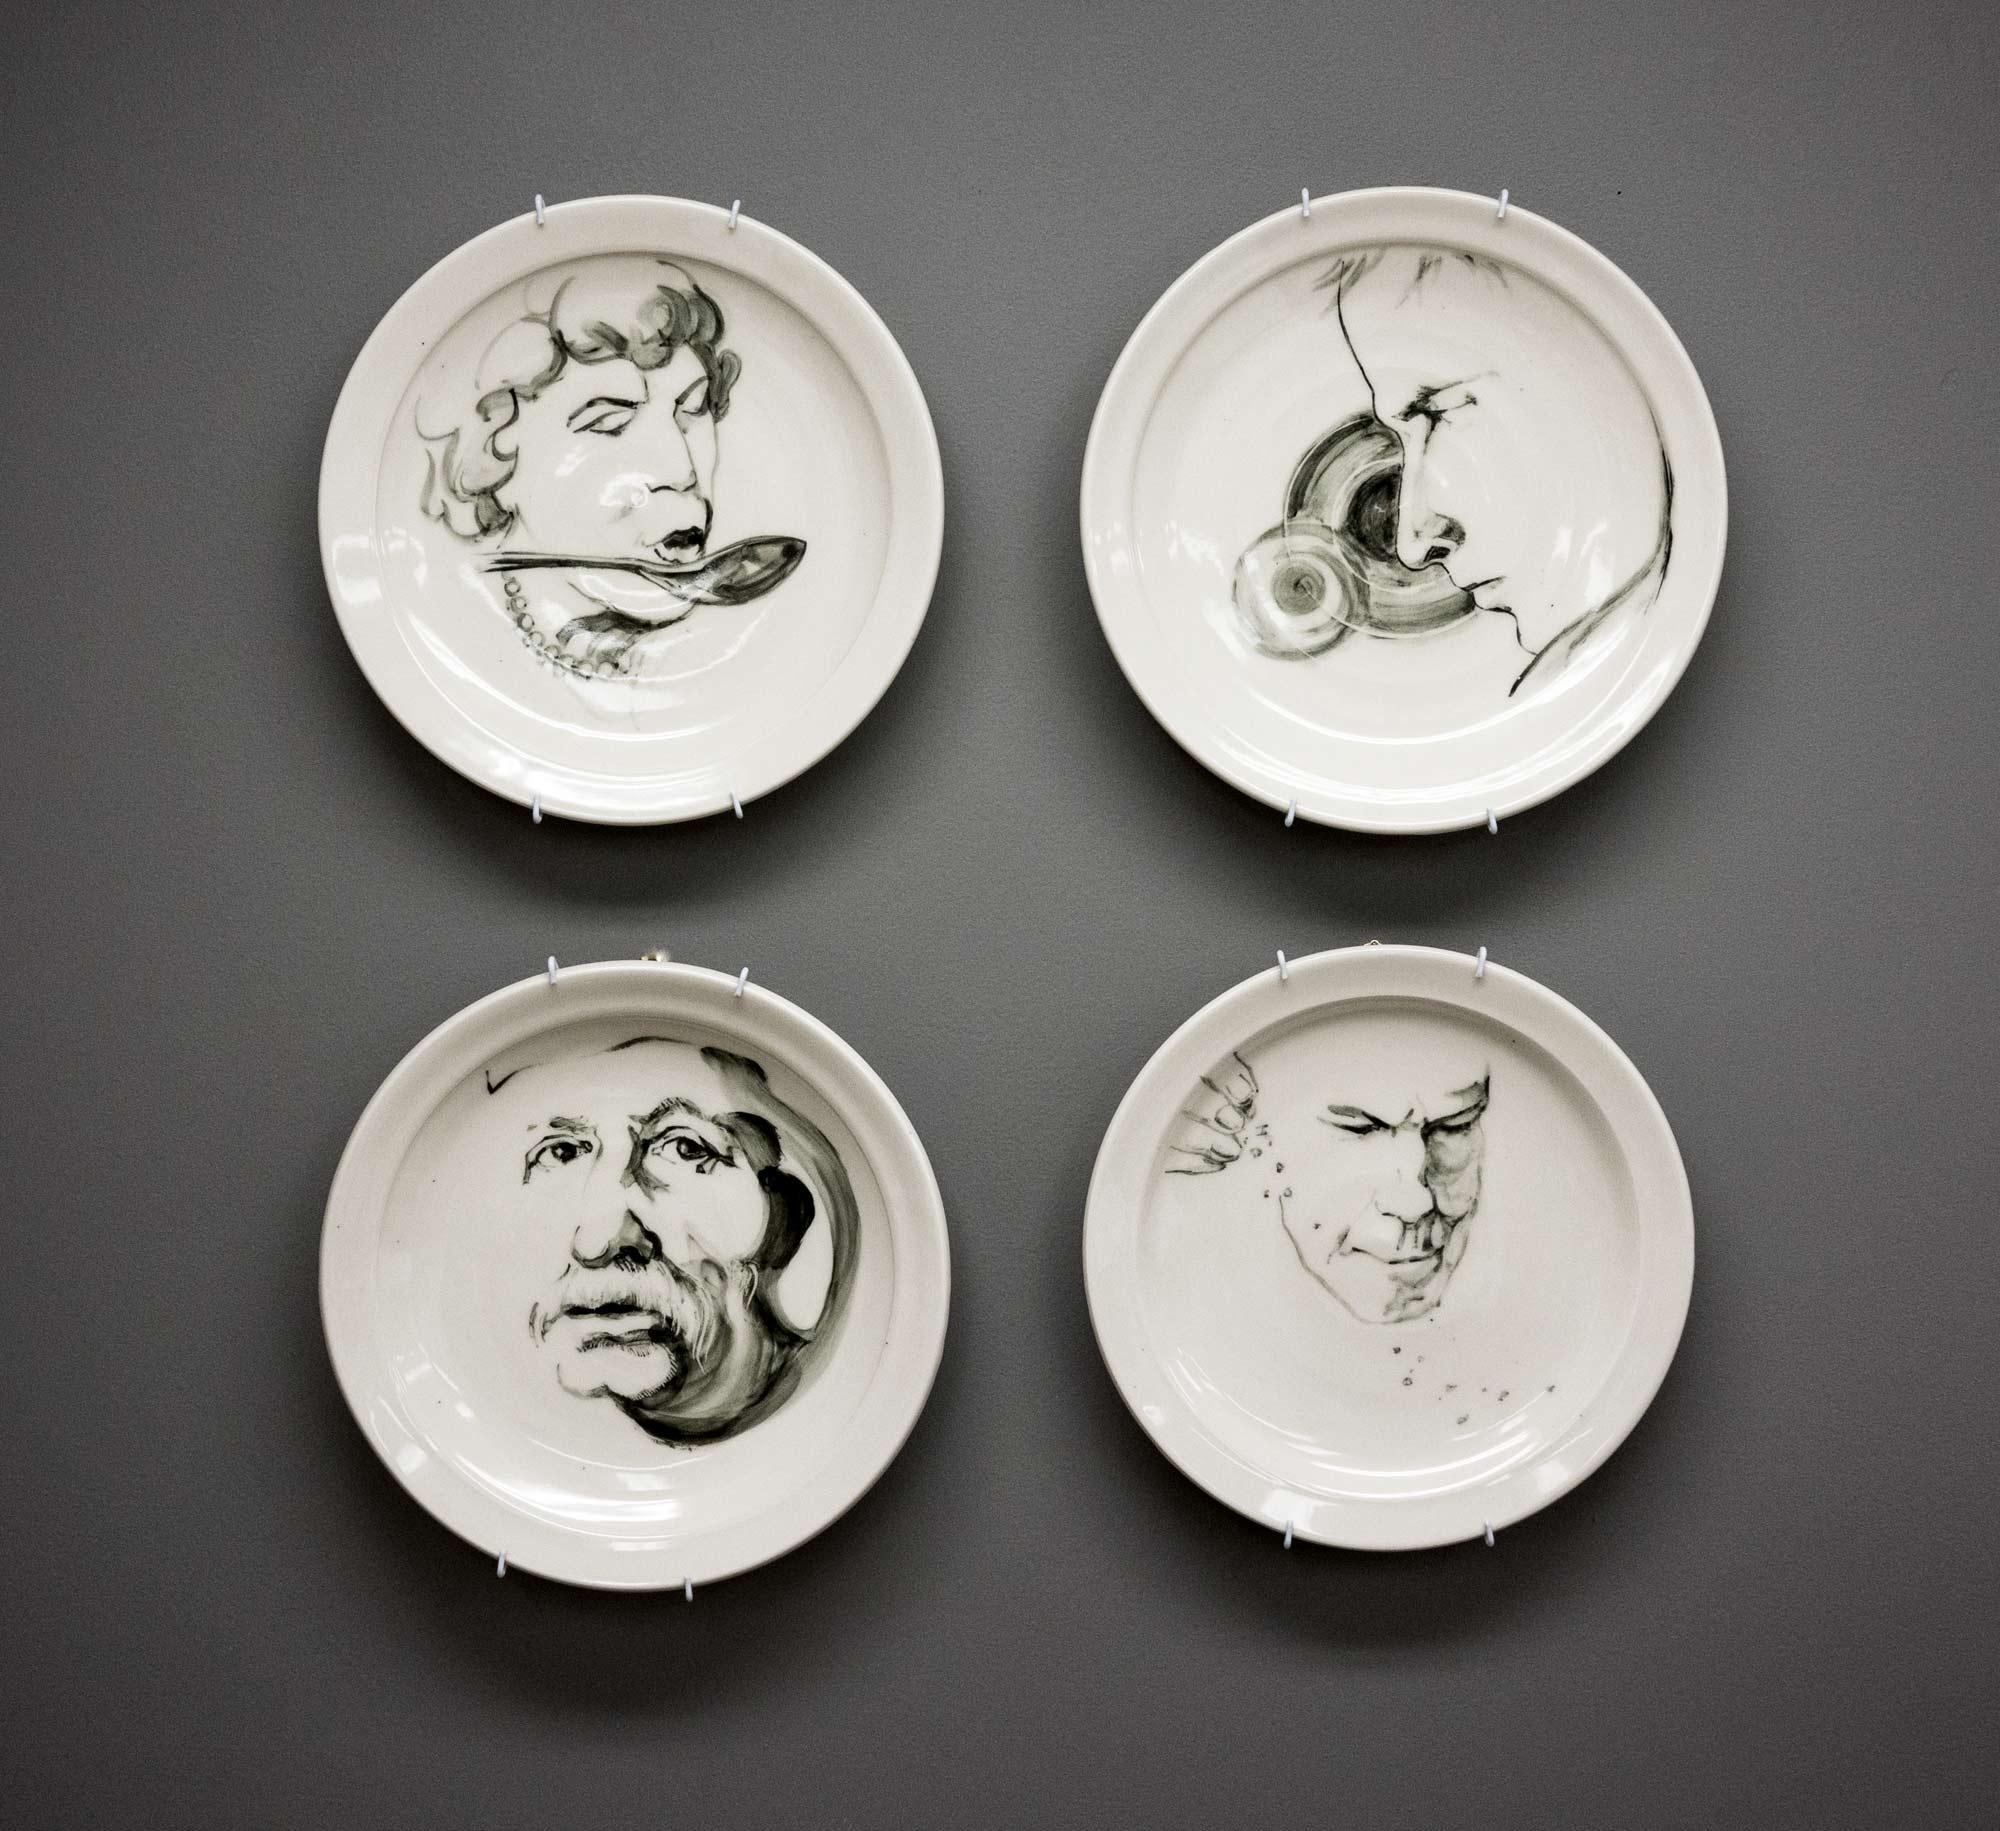 Collaborative Chef Plates